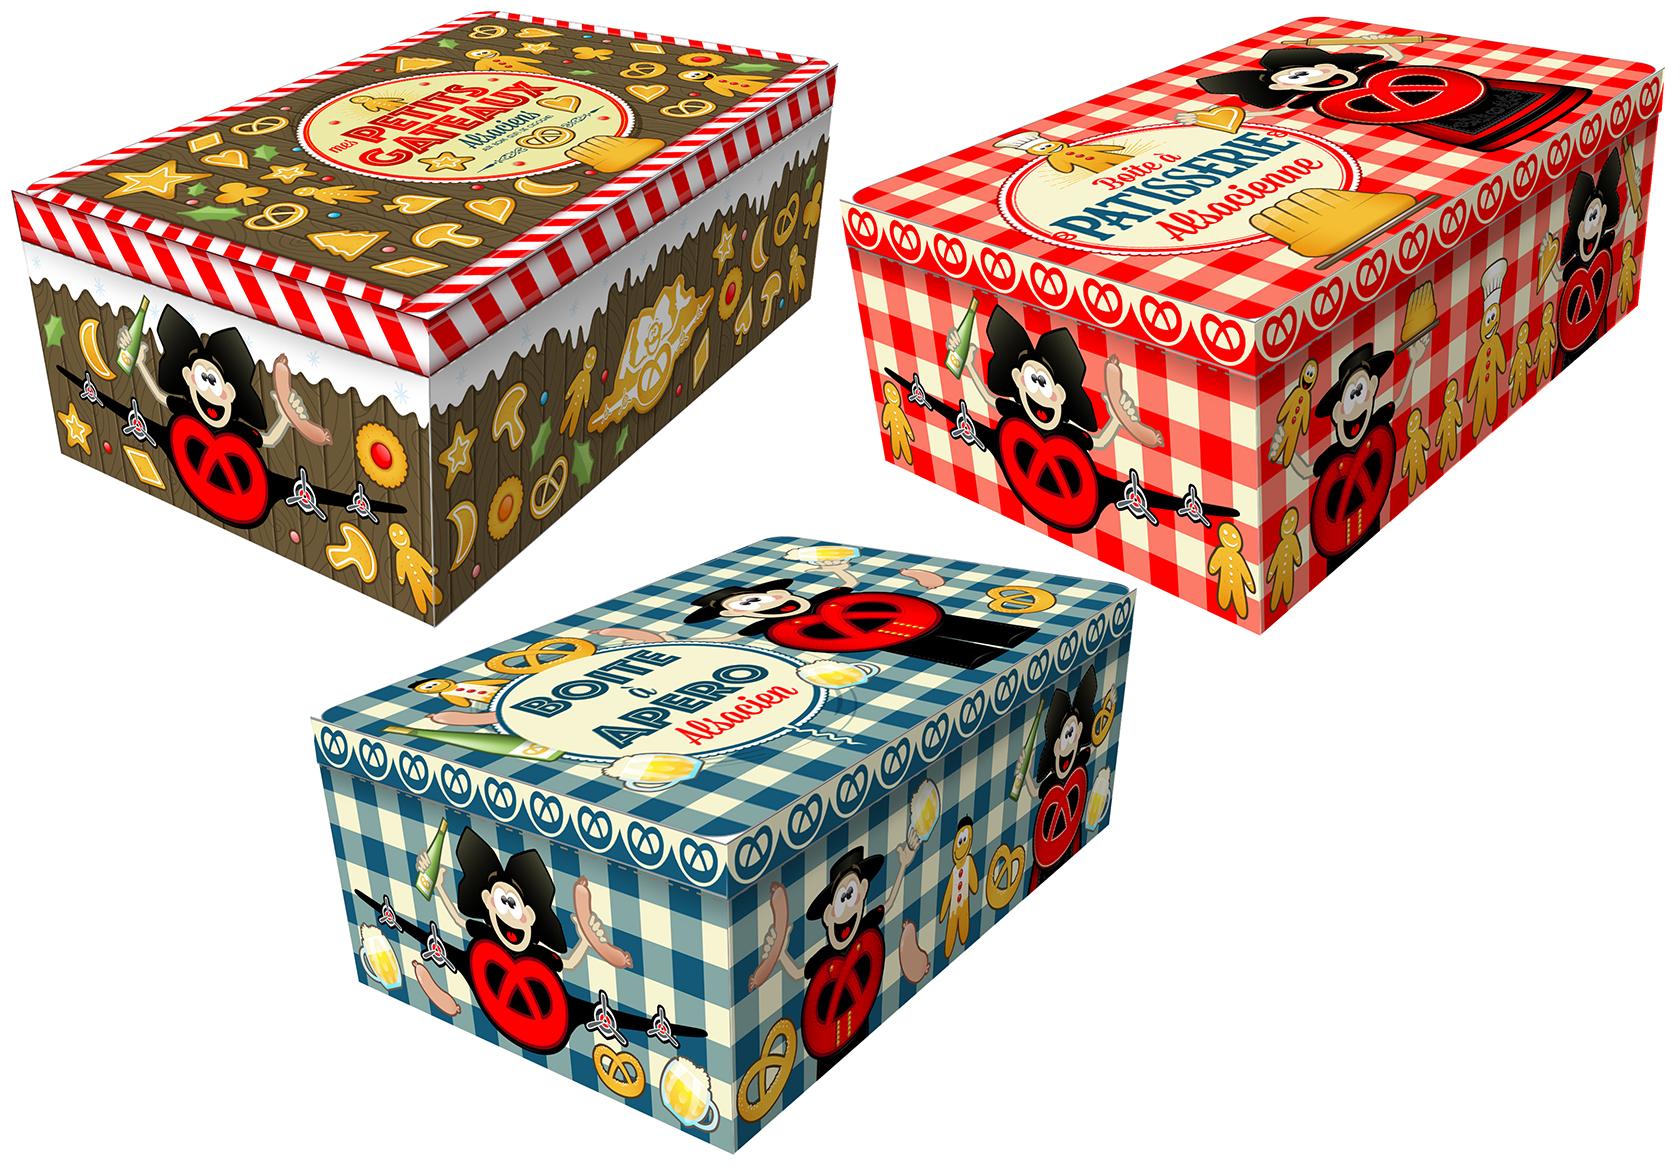 Biscuiti cu unt - mix fursecuri cu unt, ciocolata si migdale in cutie cadou Fortwenger 300g